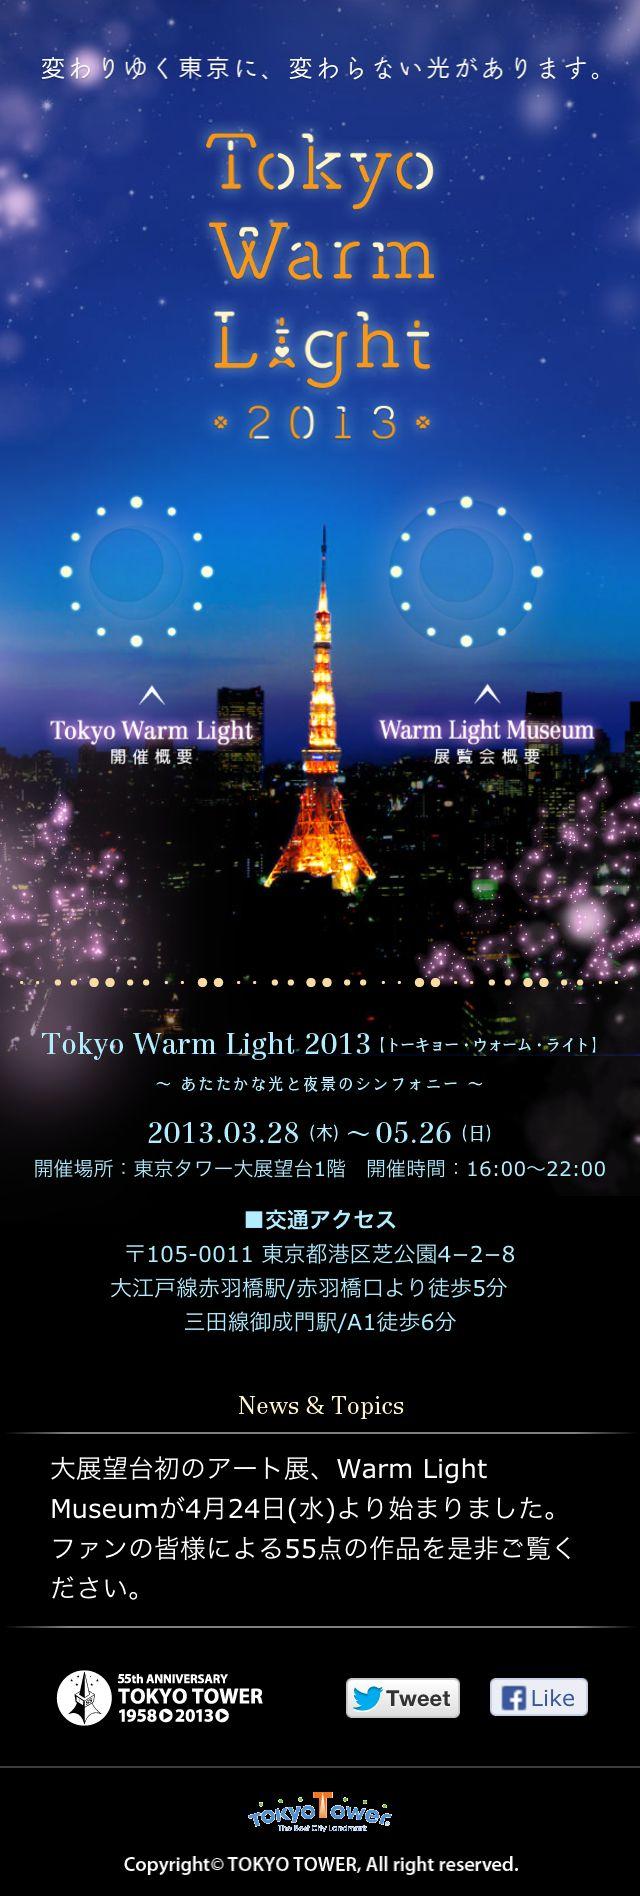 http://www.tokyowarmlight.jp/